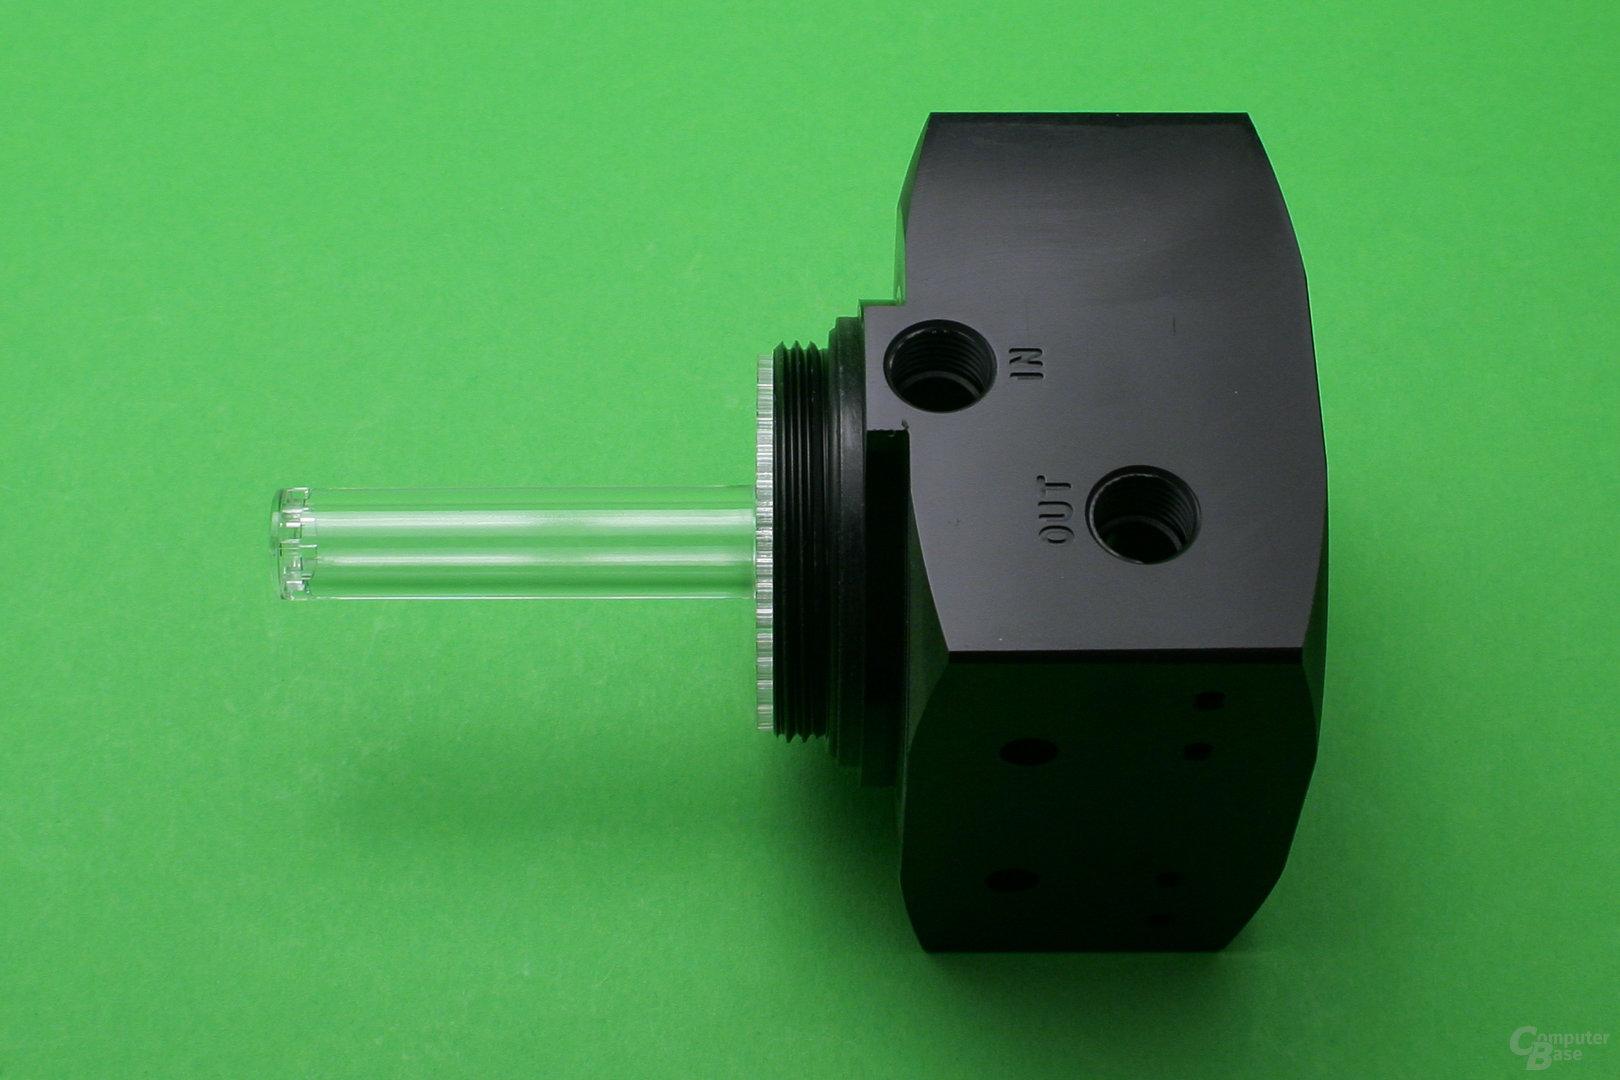 Alphacool Eisbecher D5: Ein Steigrohr sorgt für einen Wasserfalleffekt